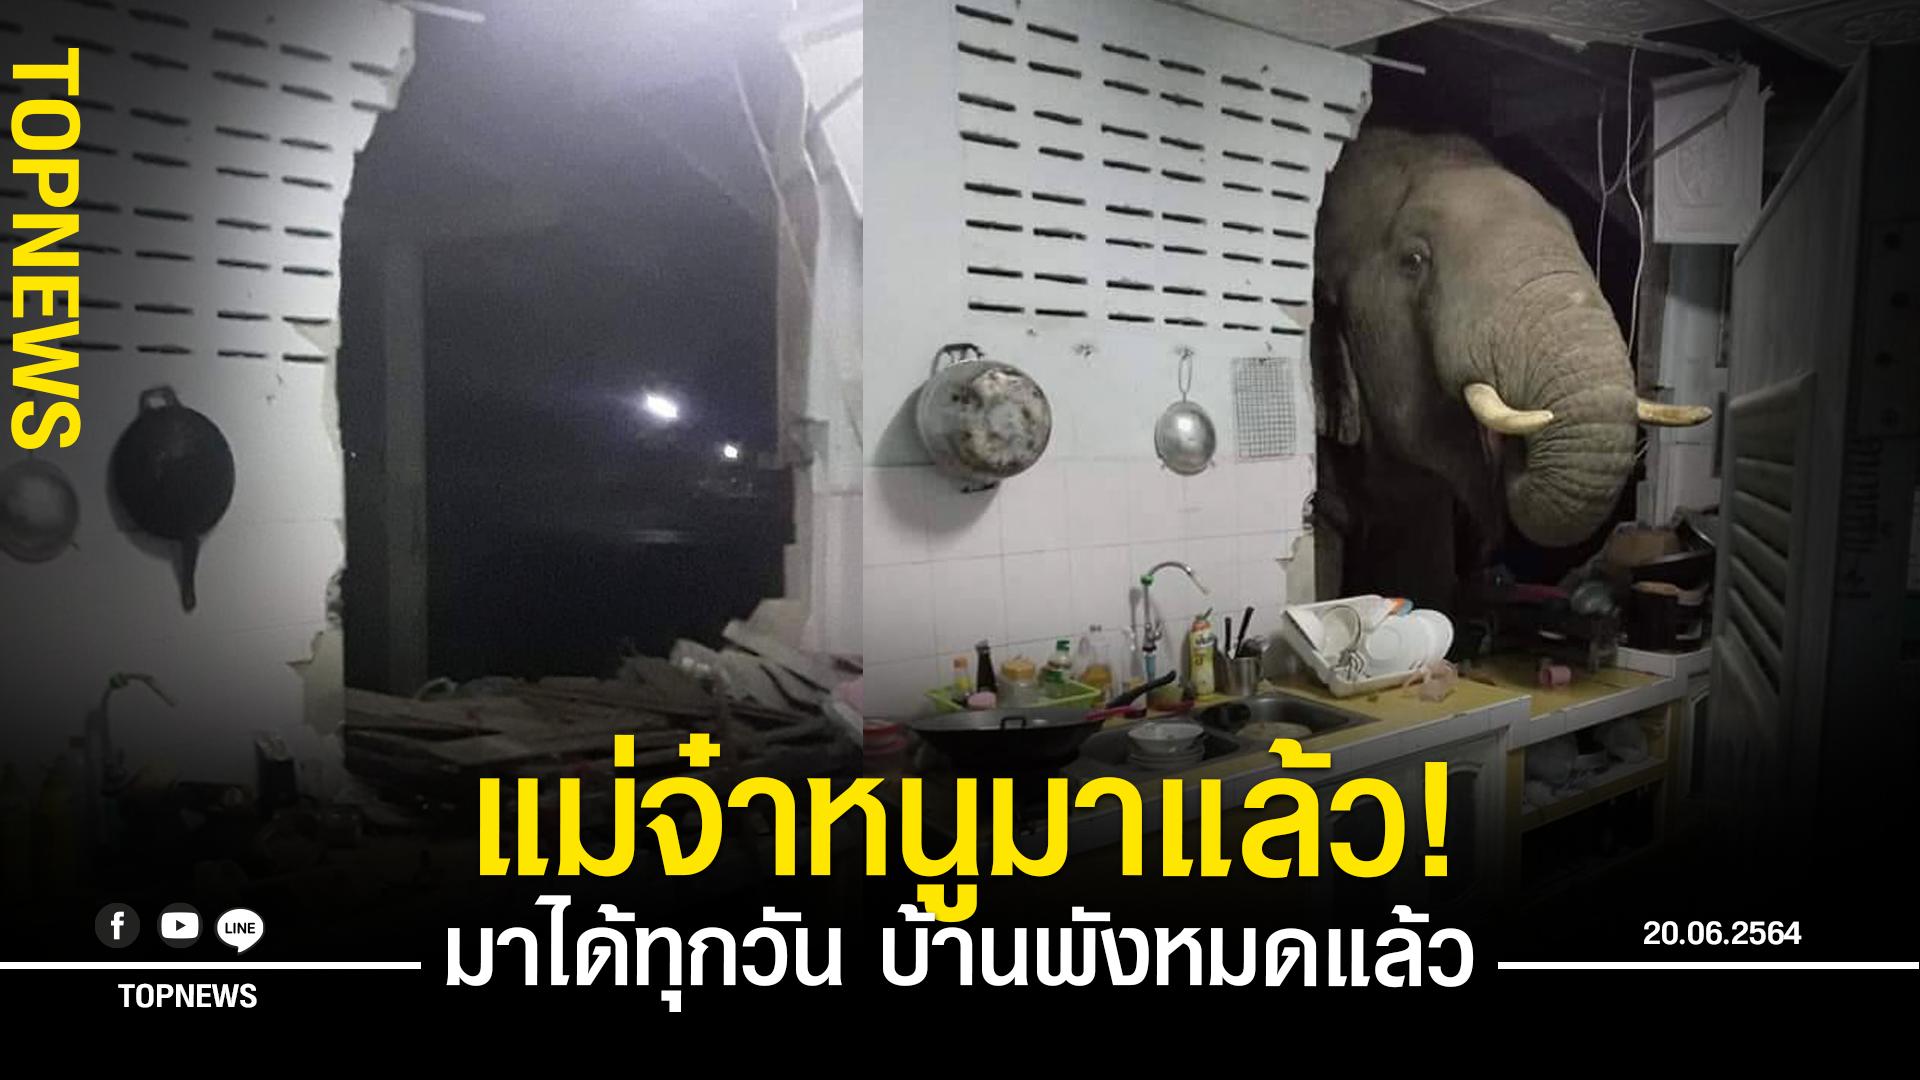 สาวหัวหินสุดเซ็ง! ช้างพังบ้านมาหาอาหาร โผล่จะเอ๋แบบเต็มๆ มุดหัวเข้ามายิ้มหวานถึงในบ้าน วอนจนท.หาทางแก้ไข